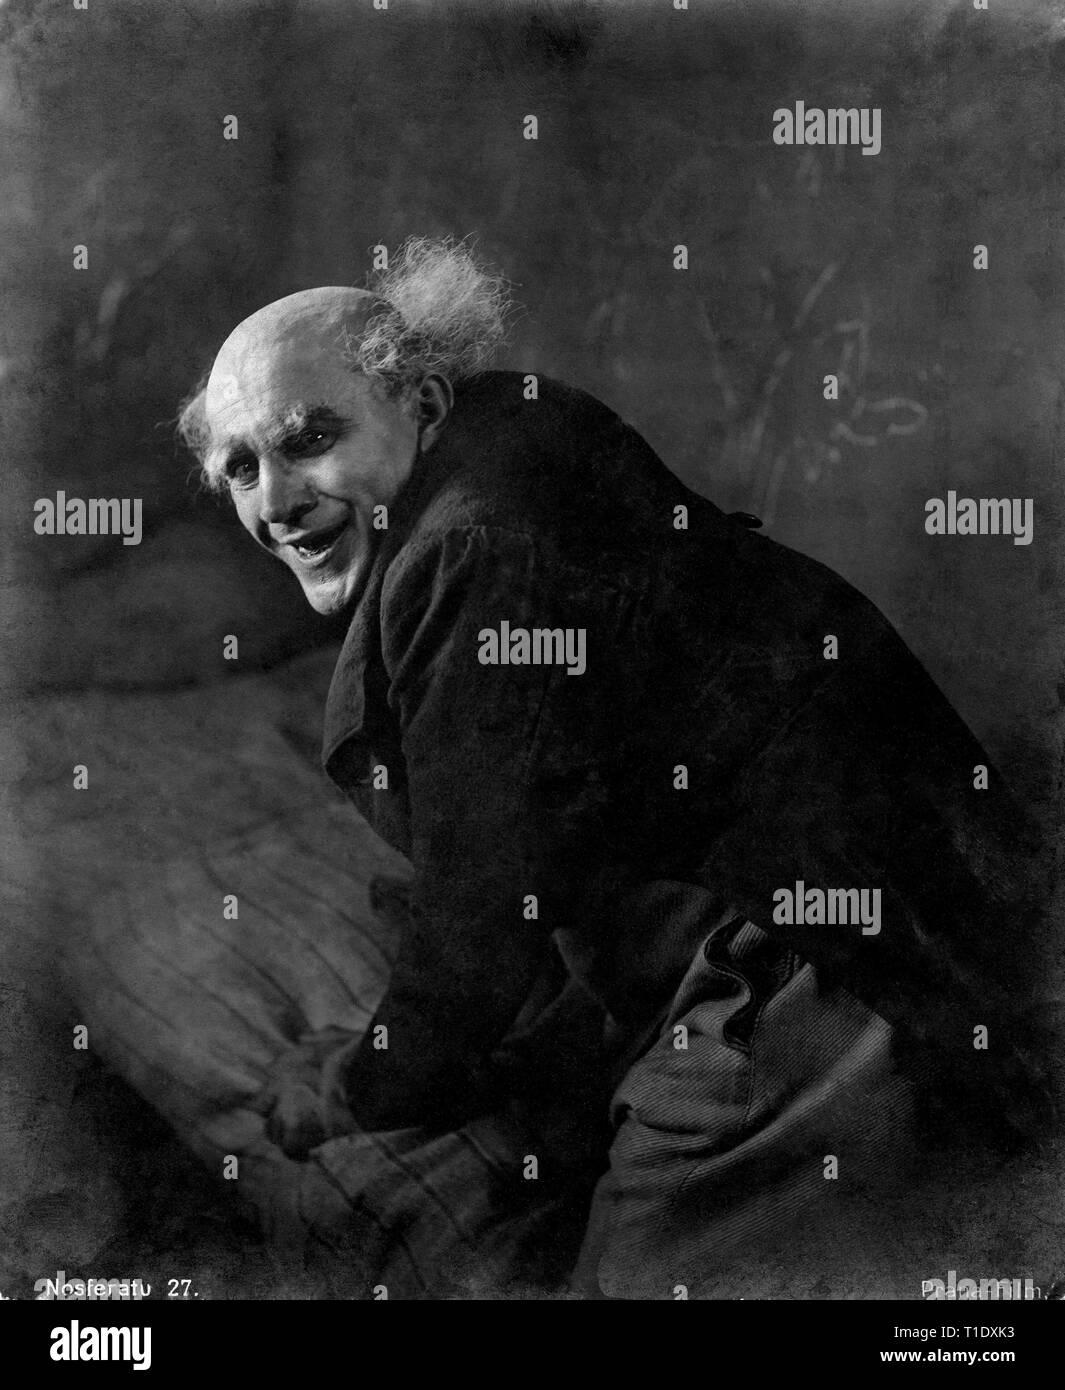 NOSFERATU Eine Symphonie des Grauens 1922 director F.W.MURNAU Alexander GRANACH as Knock / Renfield German Weimar Cinema Deutschland Jofa-Atelier Berlin-Johanissthal / Prana-Film GmbH - Stock Image